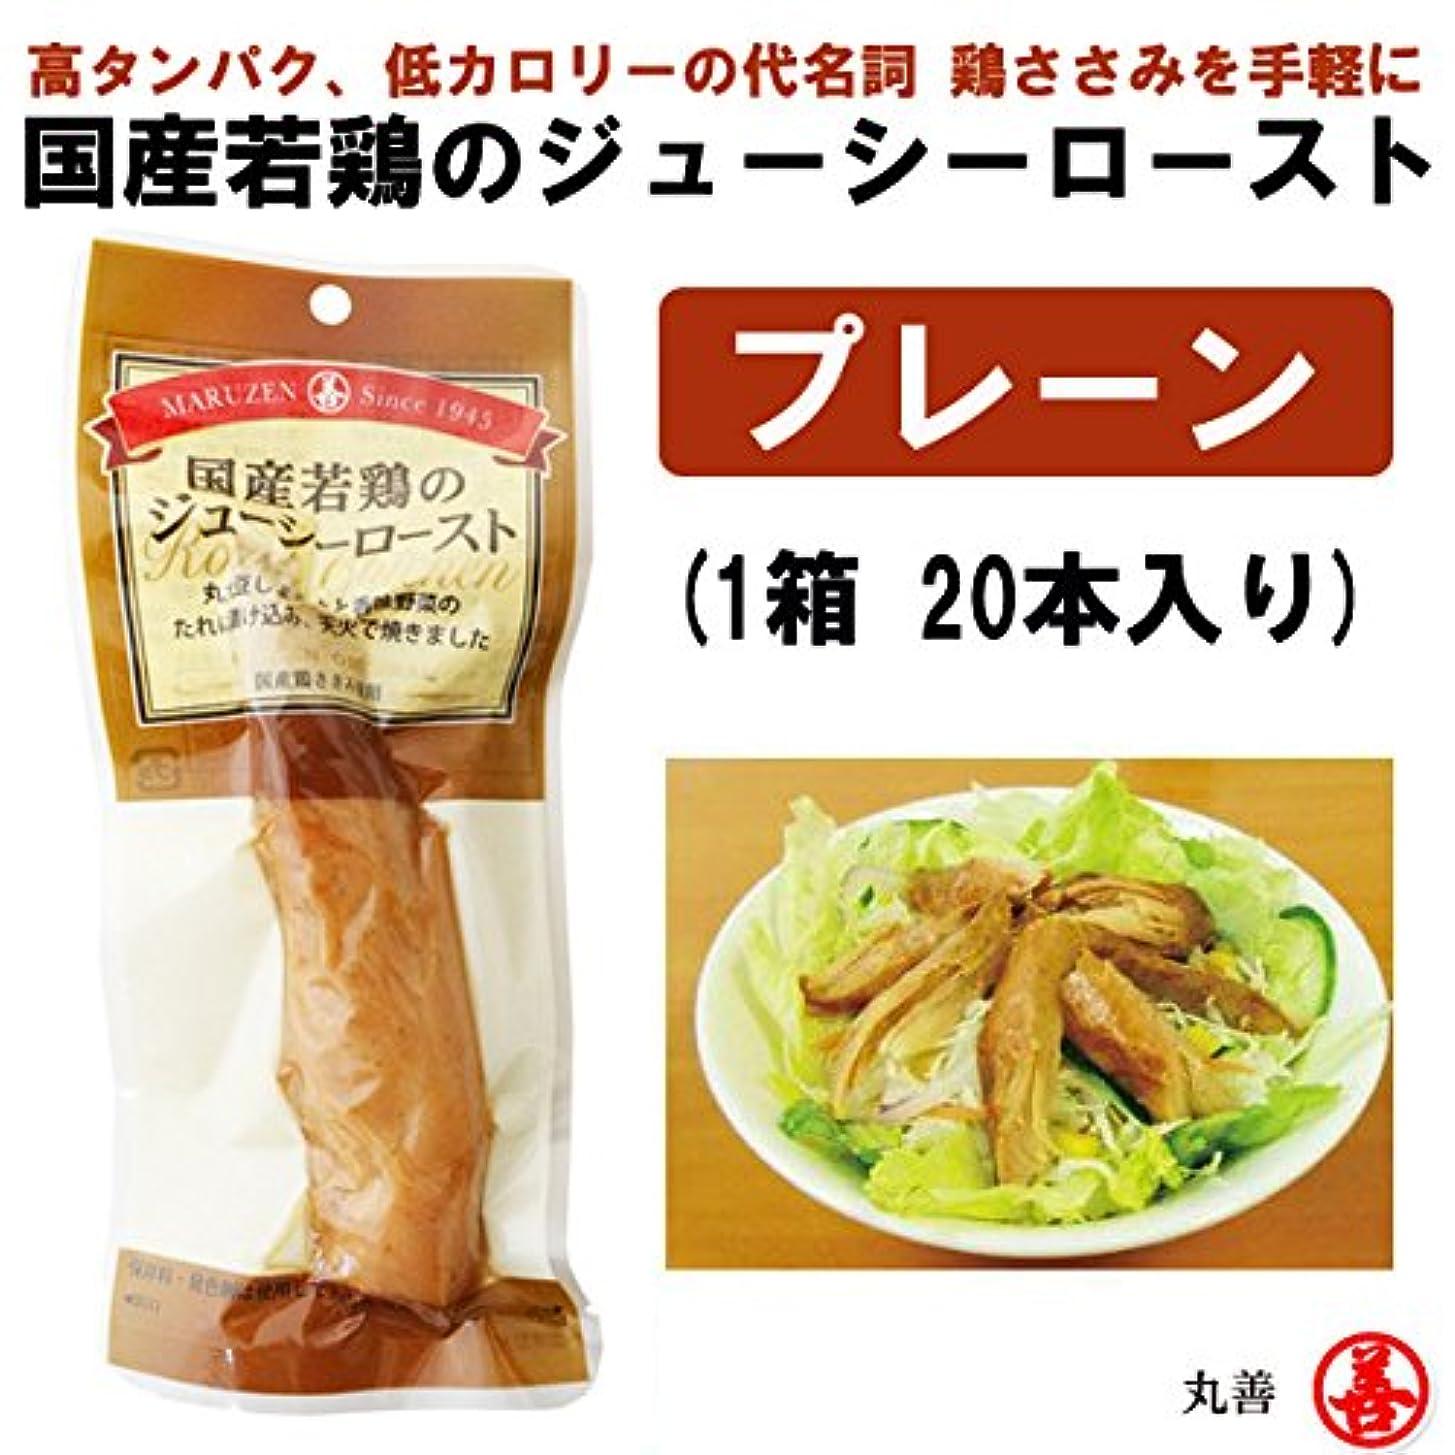 拡張エレガント意味のある丸善 鶏ささみ 国産若鶏のジューシーロースト プレーン 1箱20本入り